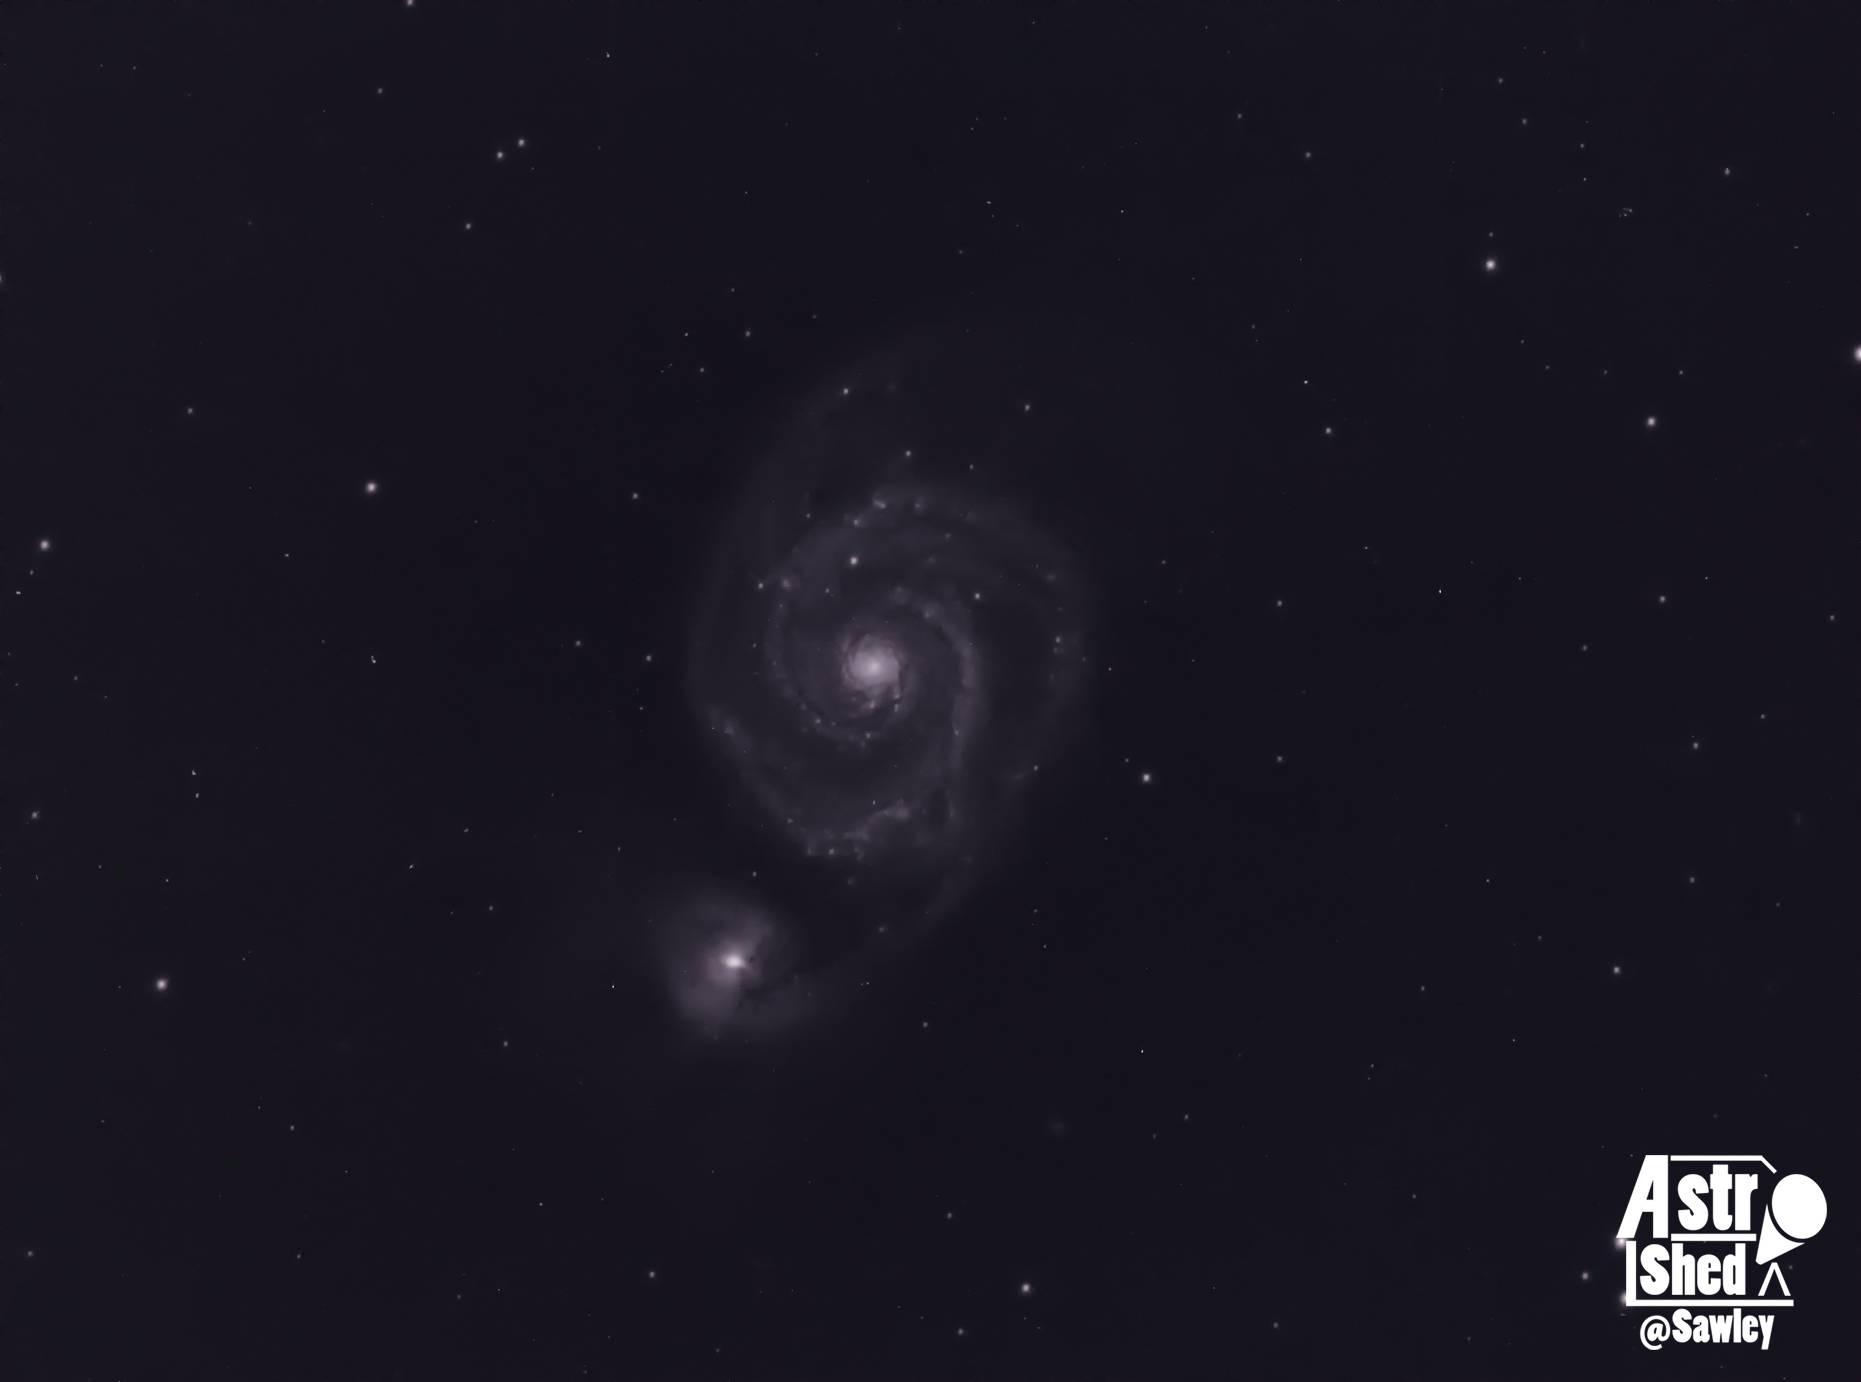 M51 - Taken from T18 iTelescope.Net in Spain